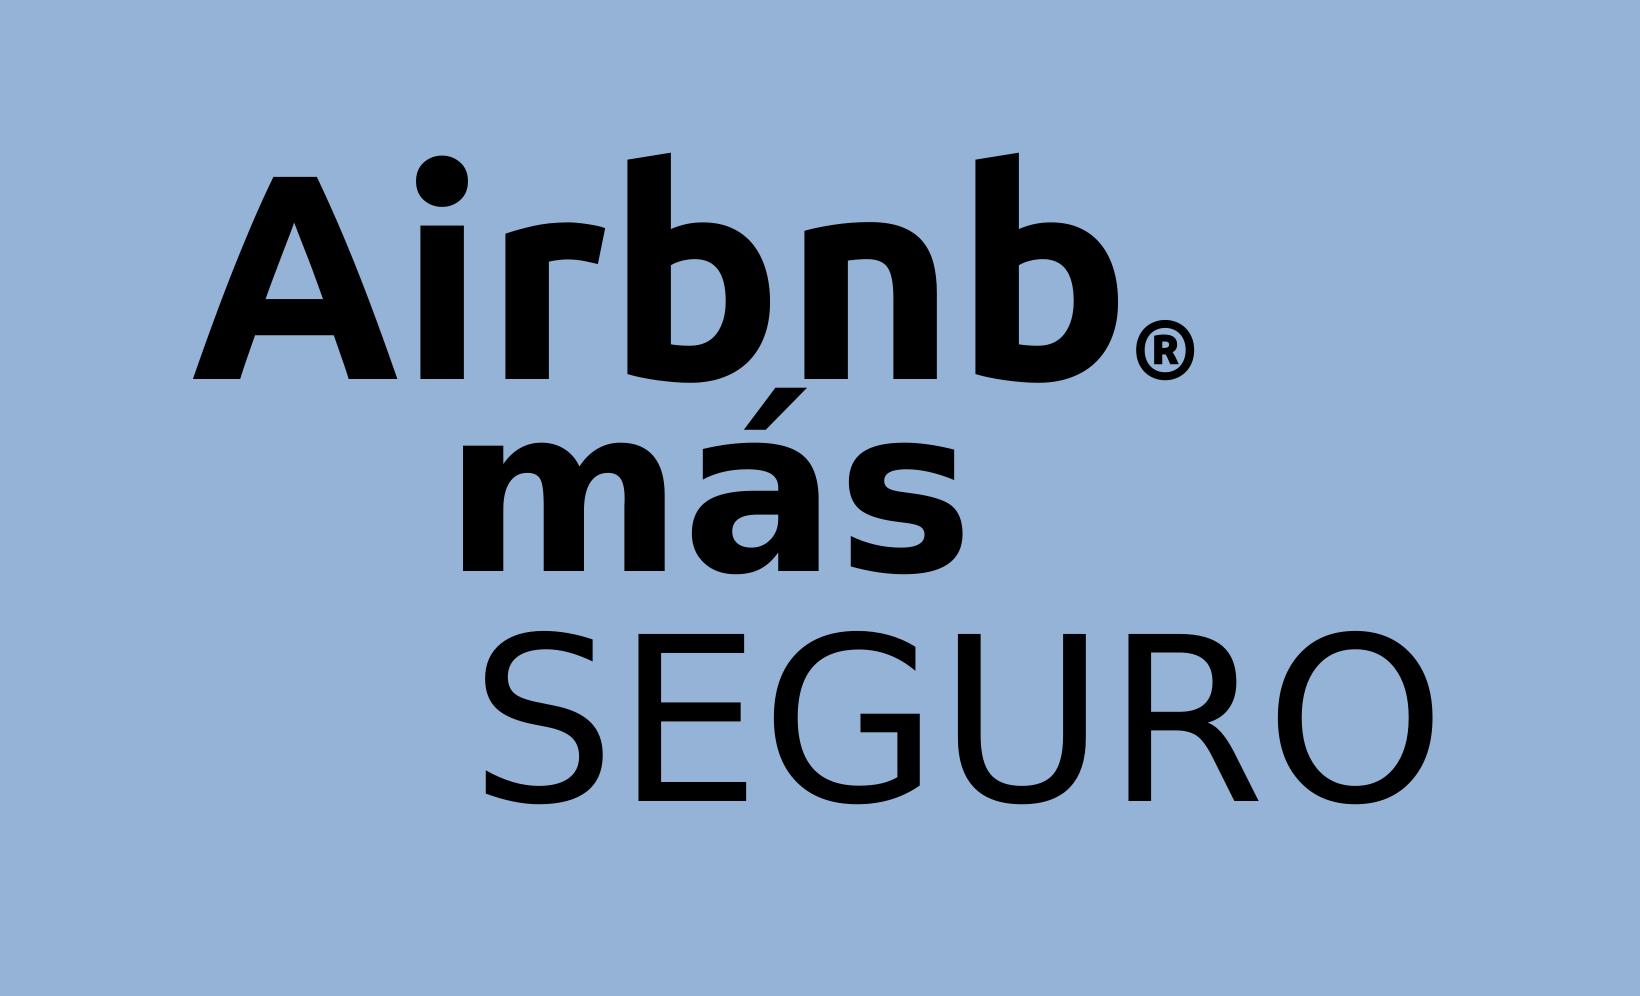 Airbnb más seguro